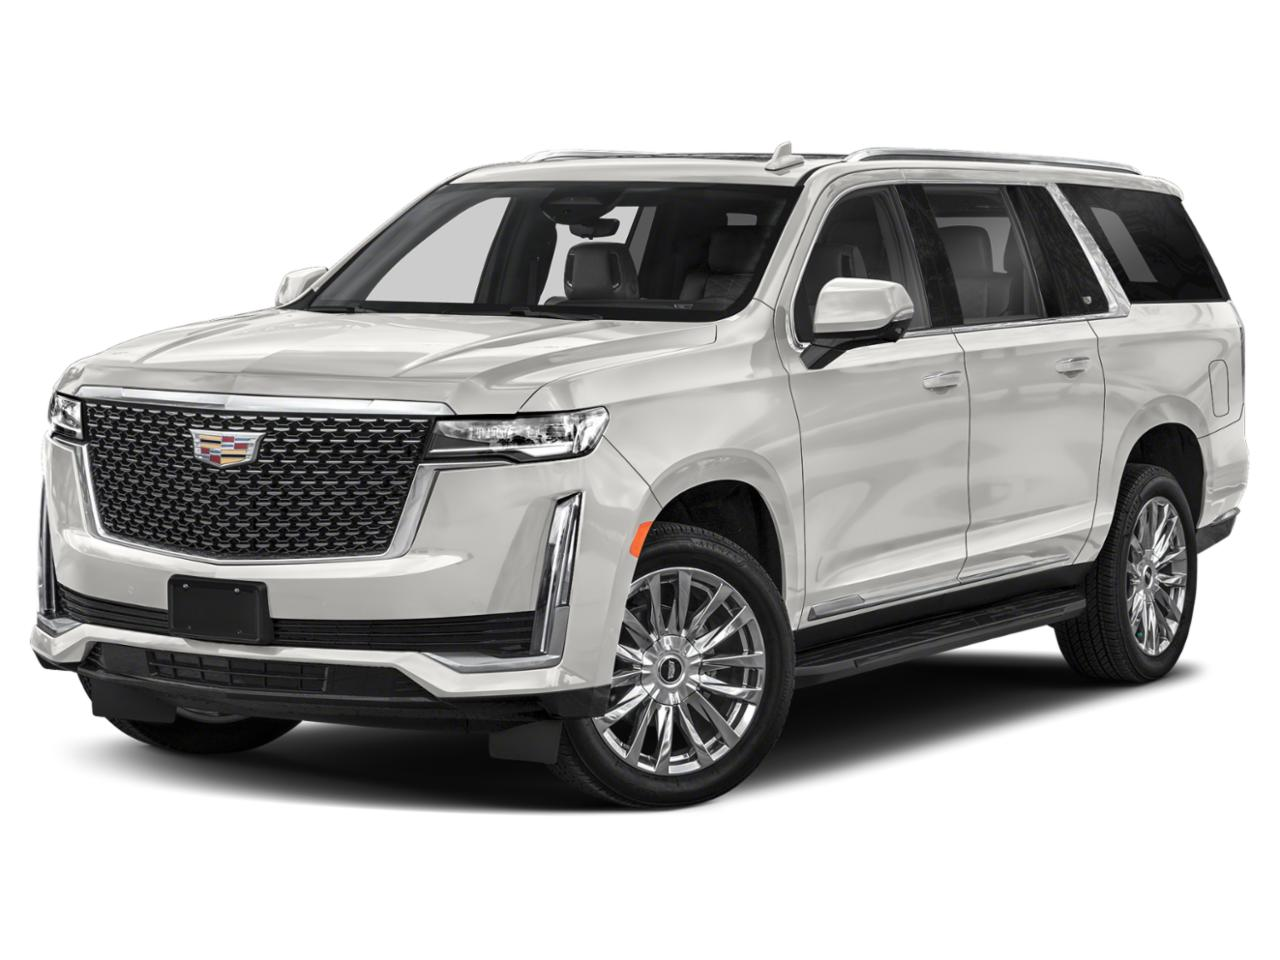 2021 Cadillac Escalade ESV Vehicle Photo in SAN ANTONIO, TX 78230-1001